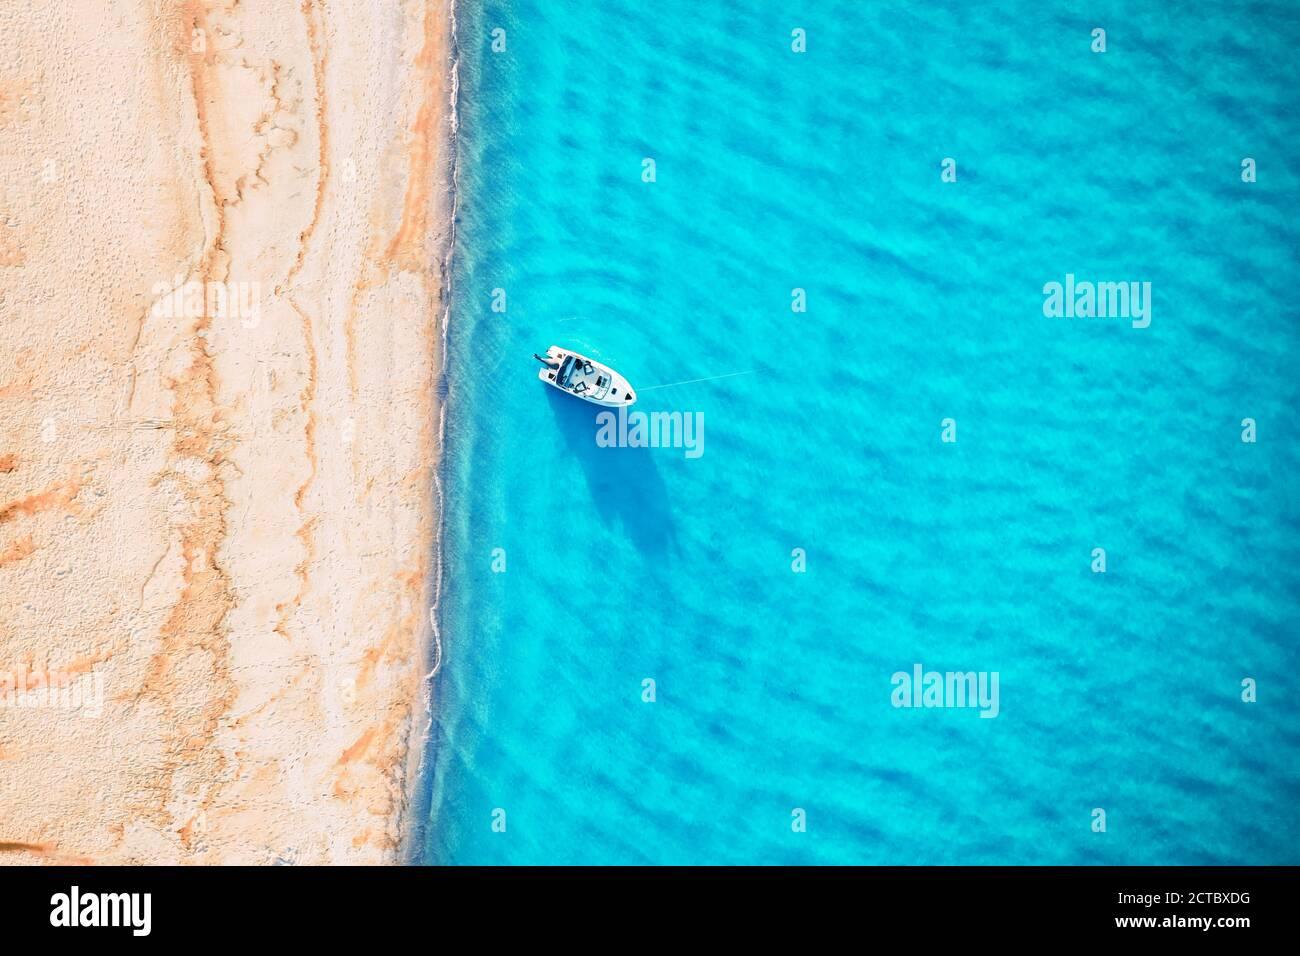 Yate blanco y olas de agua turquesa desde la vista superior. Playa con arena amarilla resplandeciente por la luz del sol. Viajes vacaciones de verano paisaje marino fondo de drone Foto de stock